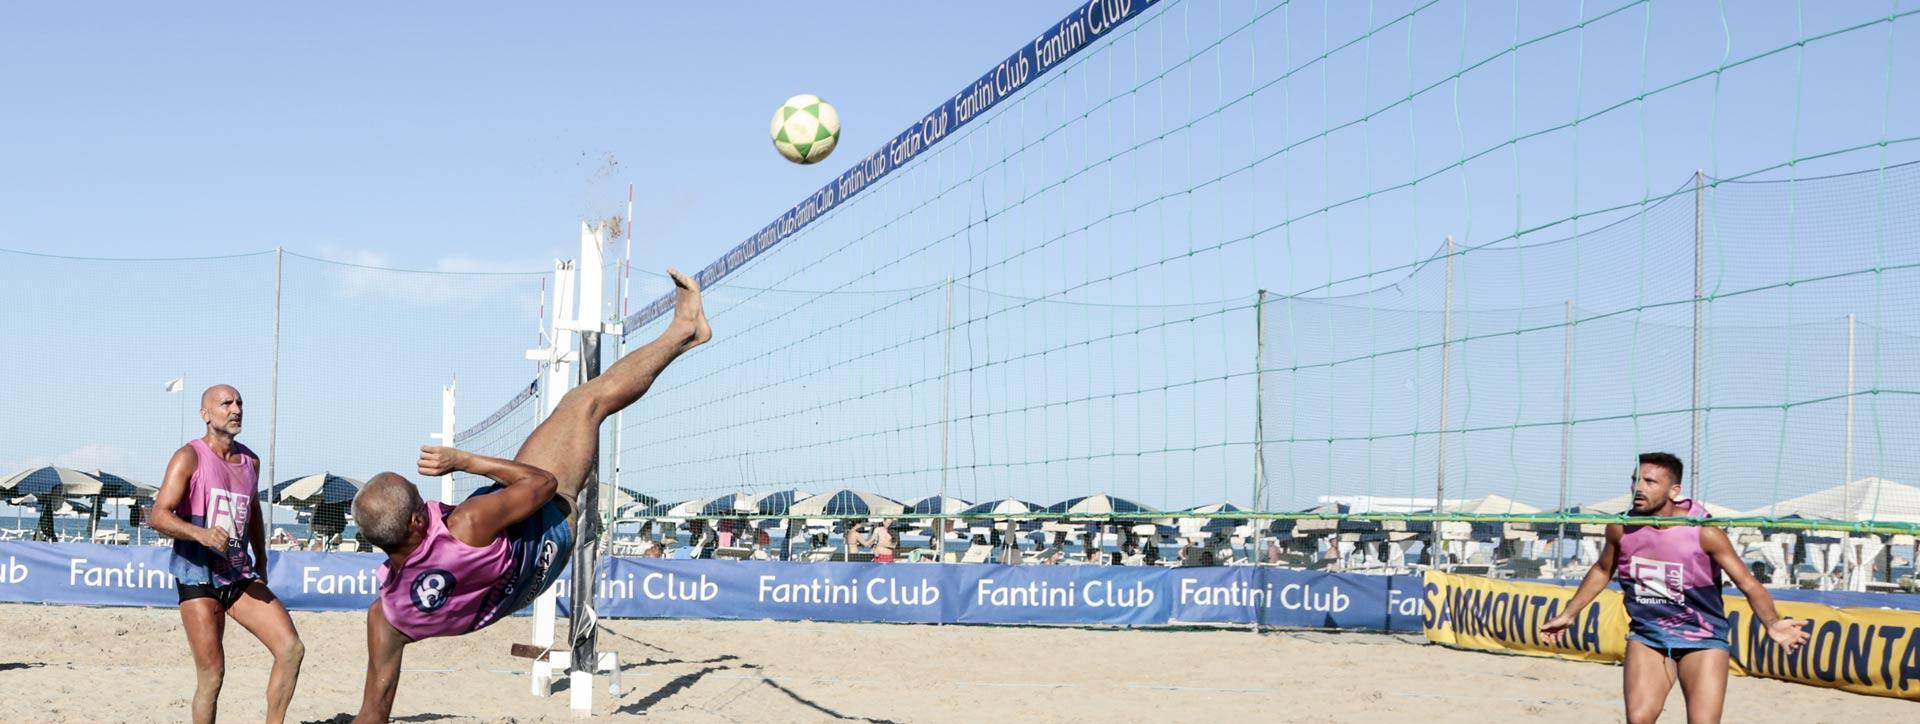 sporturacademy it fantini-club 004